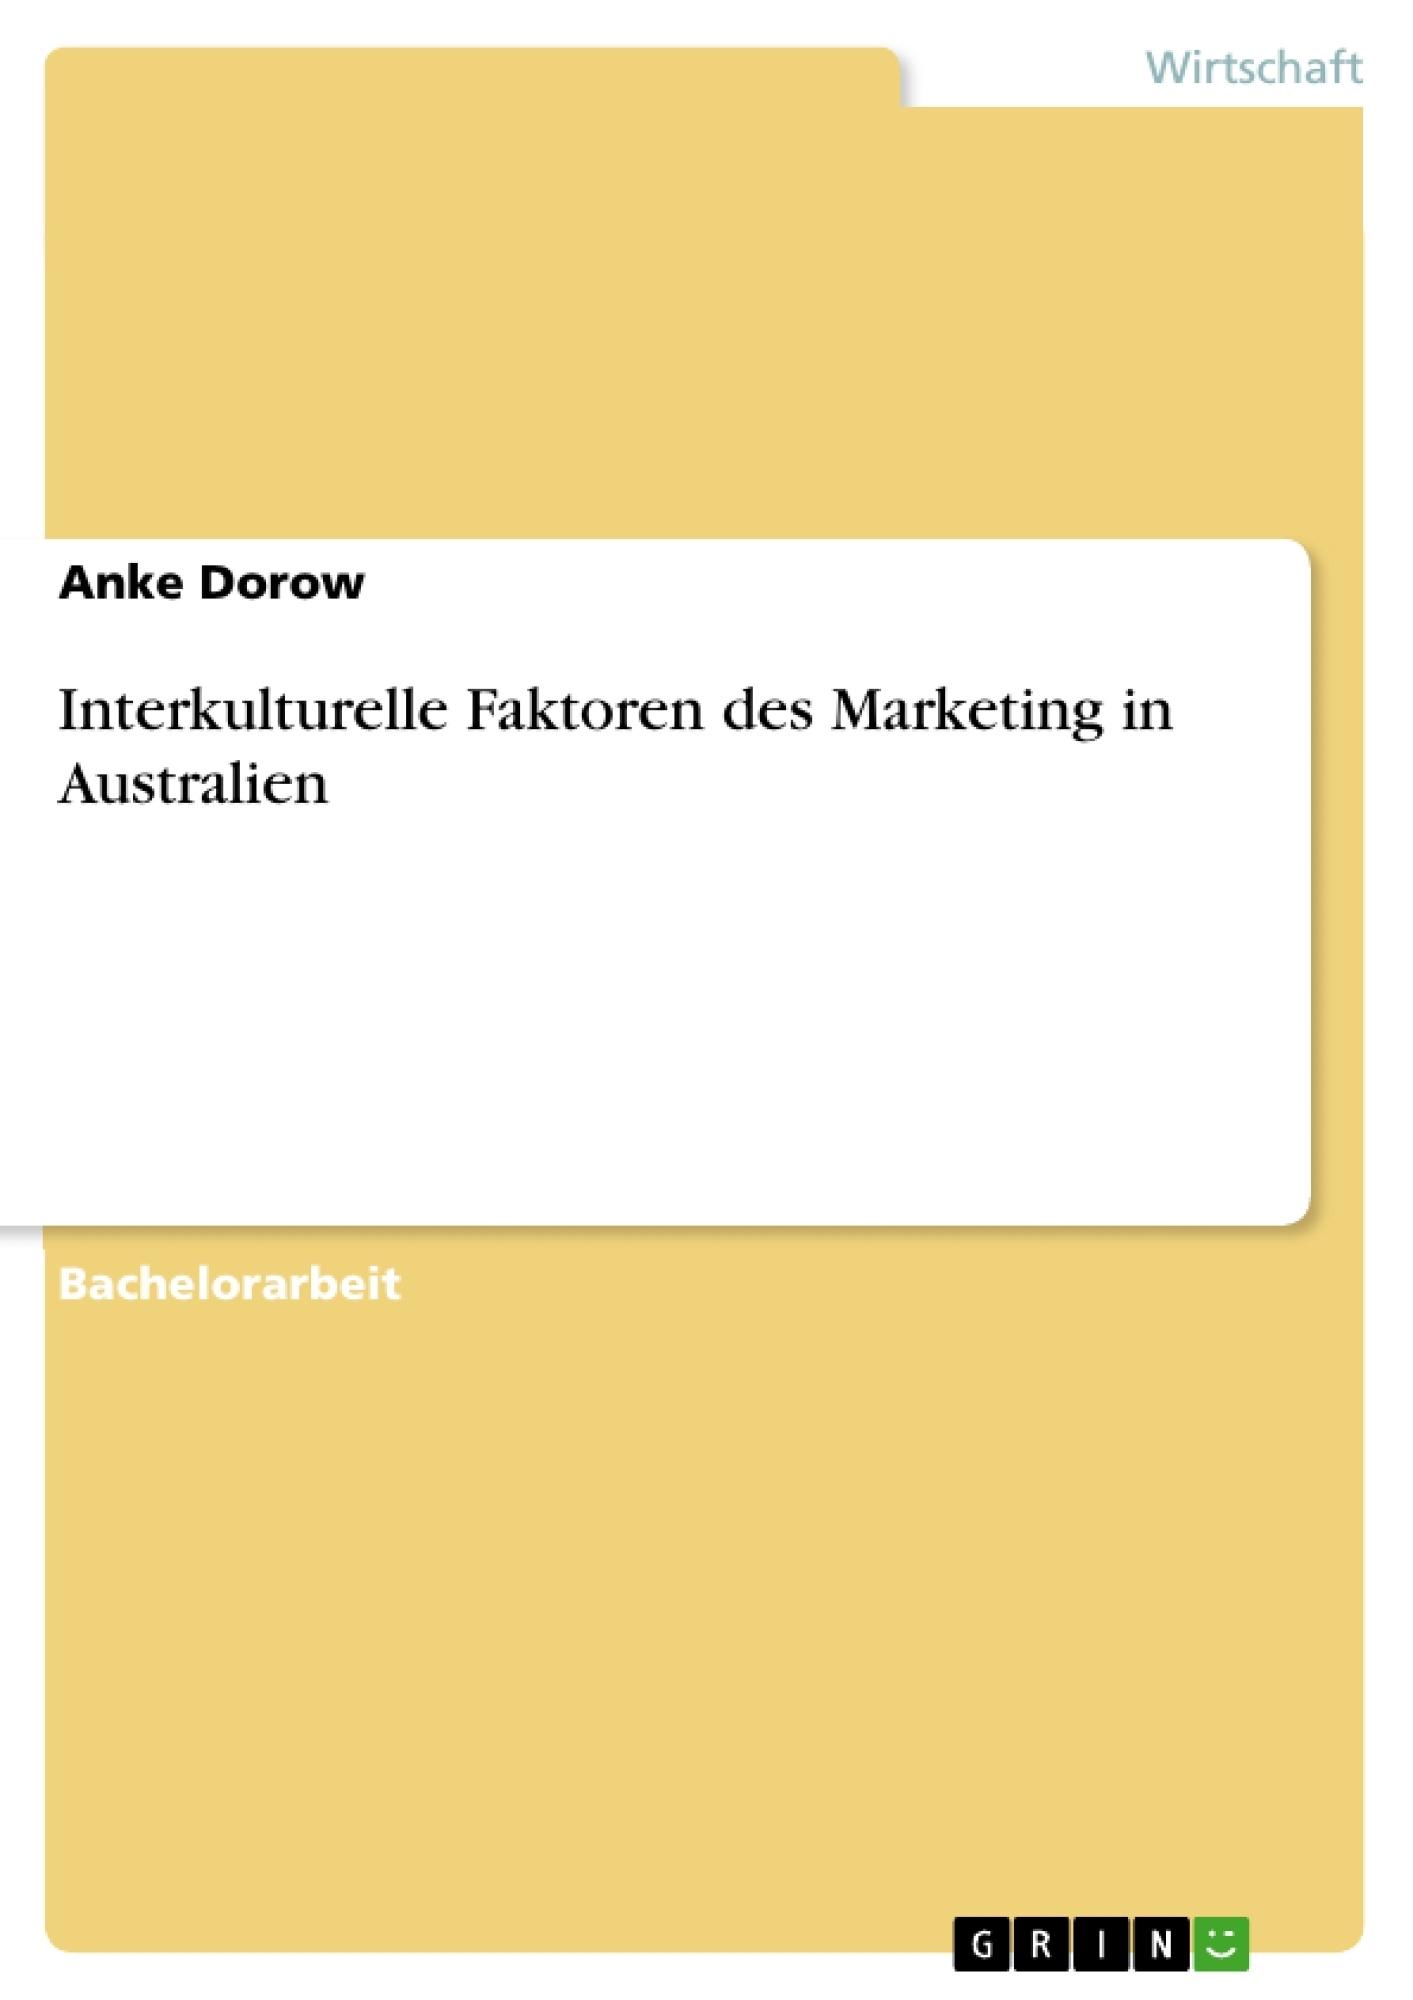 Titel: Interkulturelle Faktoren des Marketing in Australien